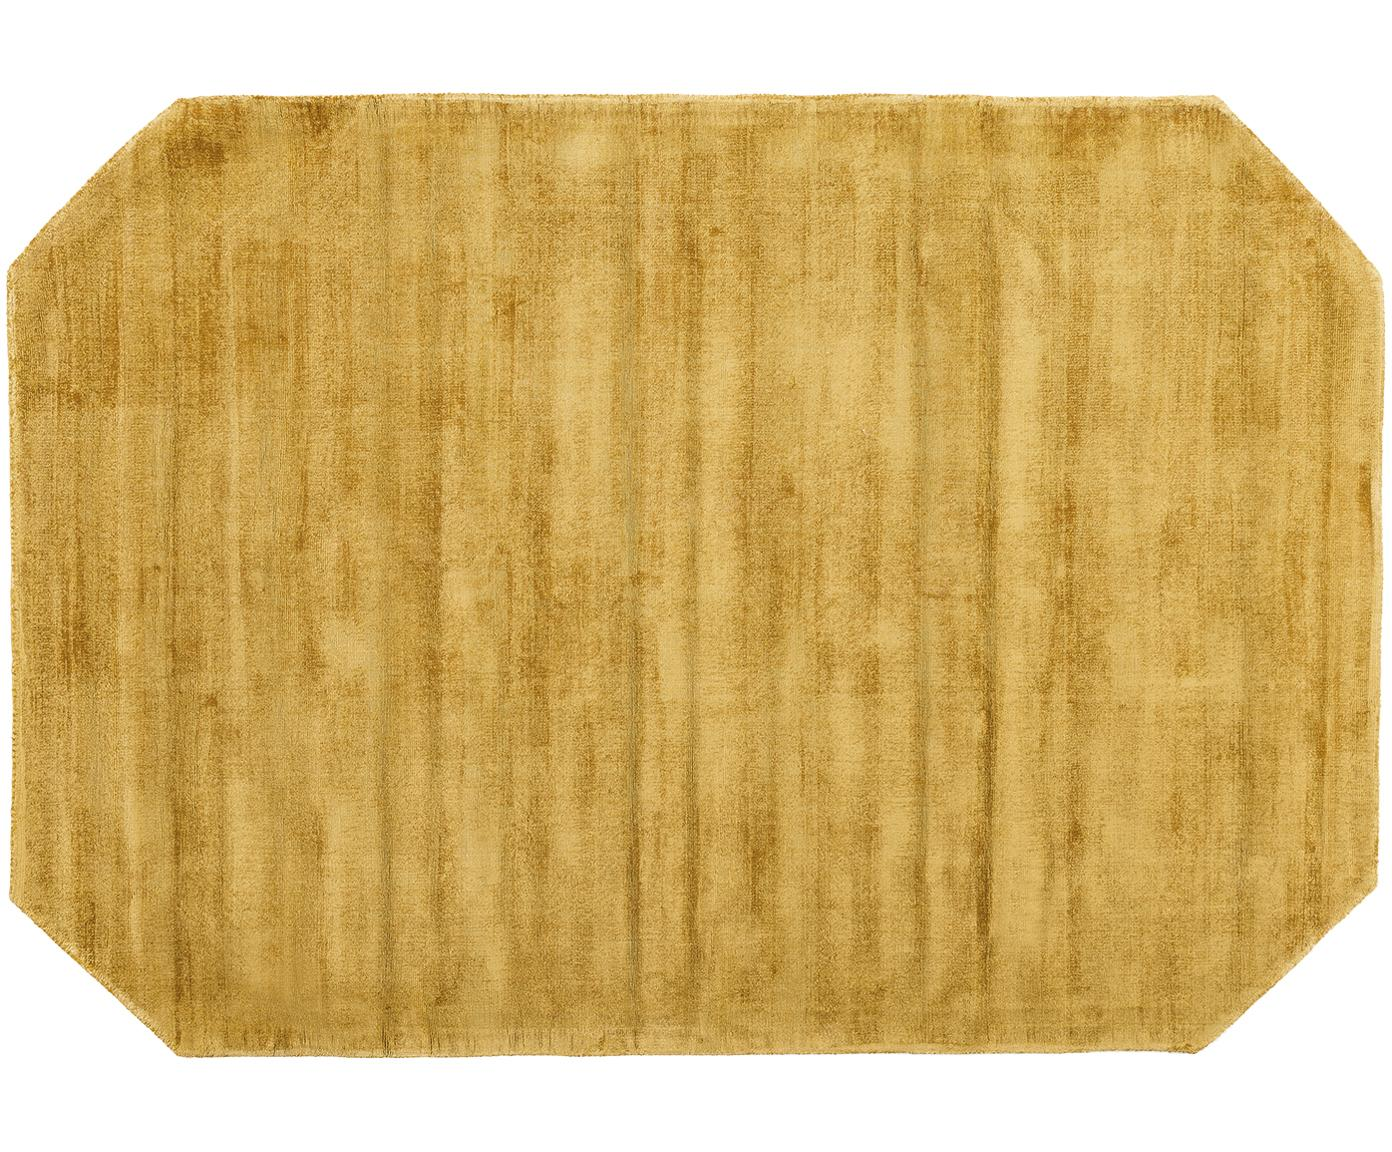 Viscose vloerkleed Jane Diamond, Bovenzijde: 100% viscose, Onderzijde: 100% katoen, Mosterdgeel, 200 x 300 cm